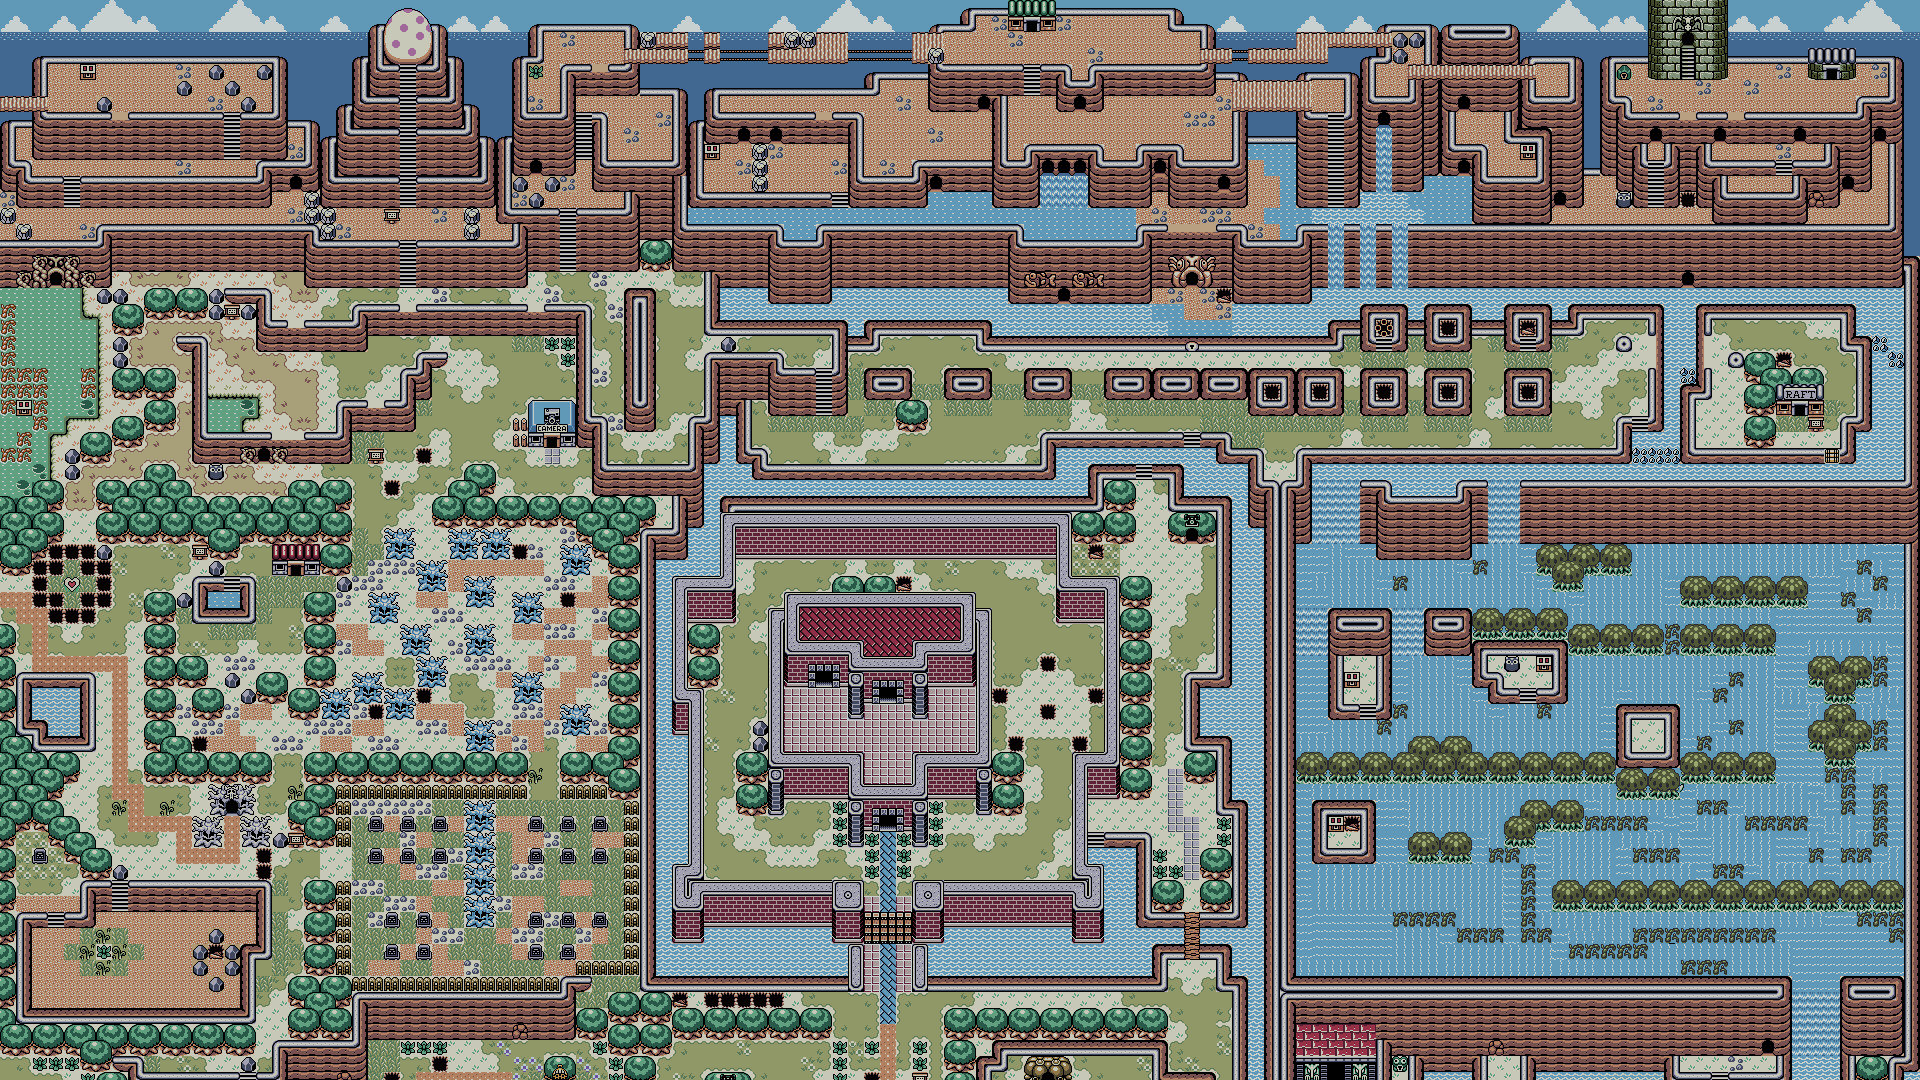 The Legend Of Zelda Links Awakening Wallpapers 1920x1080 Full Hd